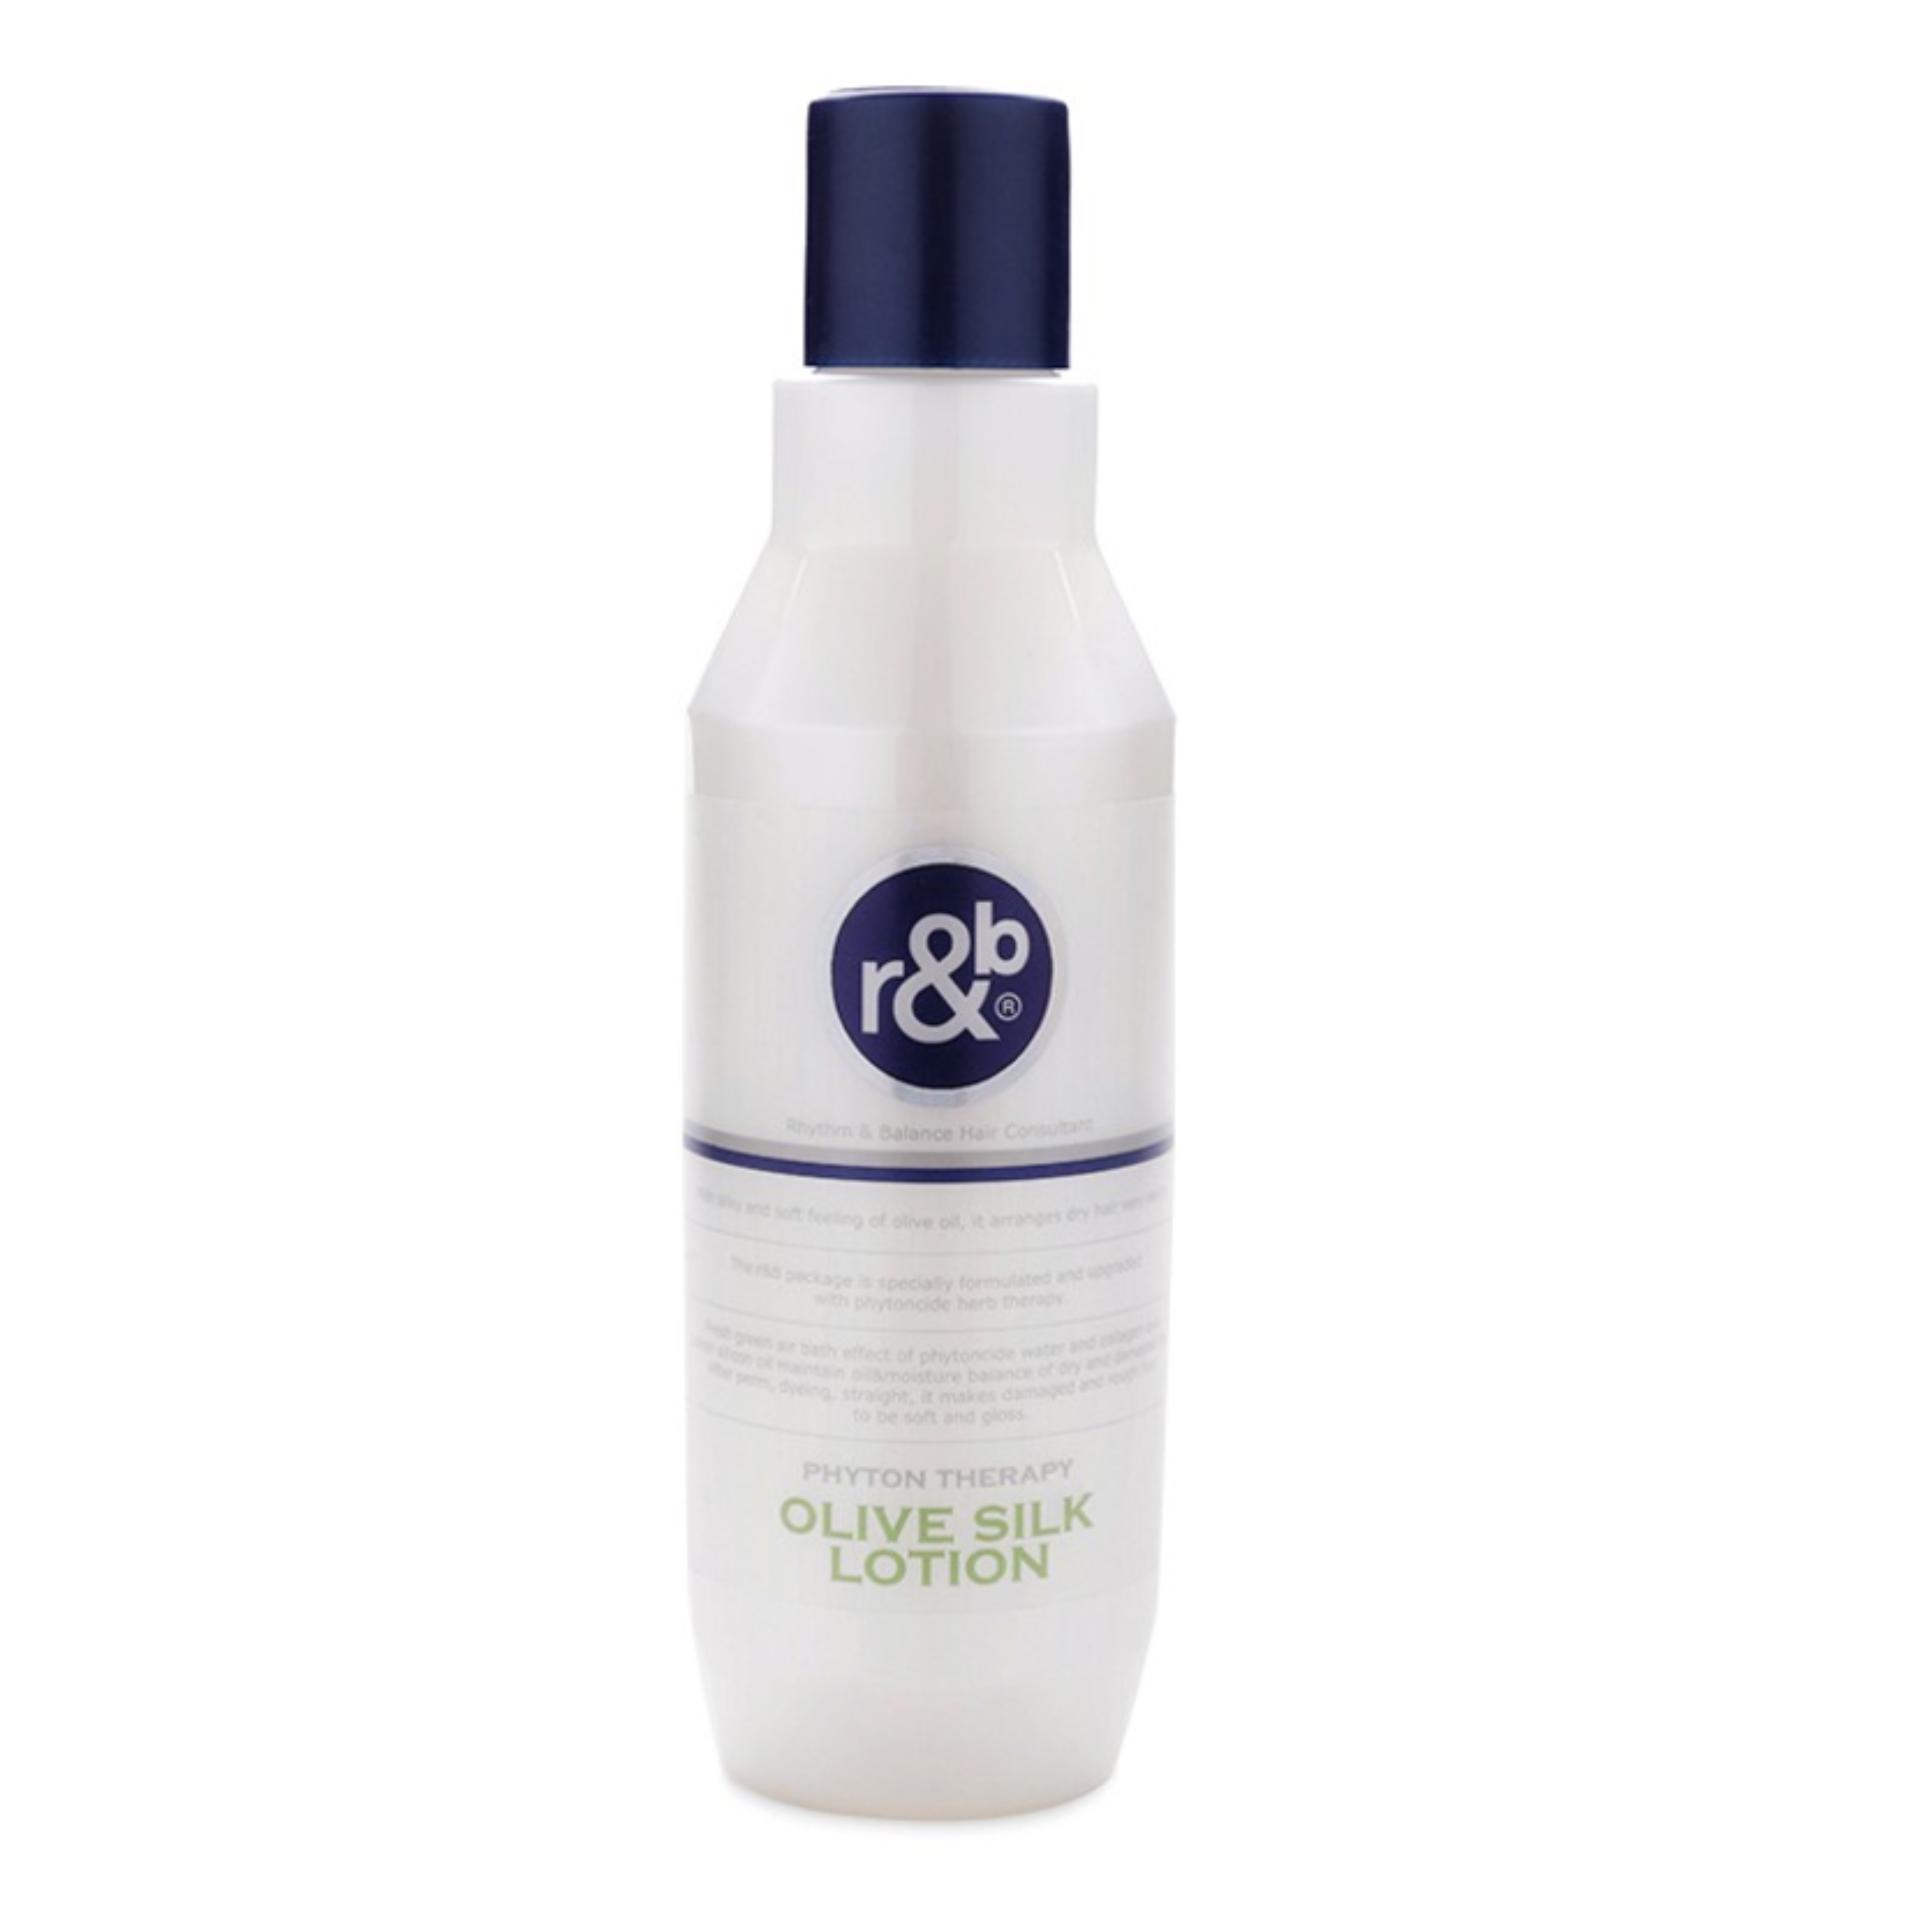 Kem dinh dưỡng bóng tóc dưỡng ẩm phục hồi tóc khô và giữ nếp tóc uốn R&B Olive Silk Lotion, Hàn Quốc 450ml